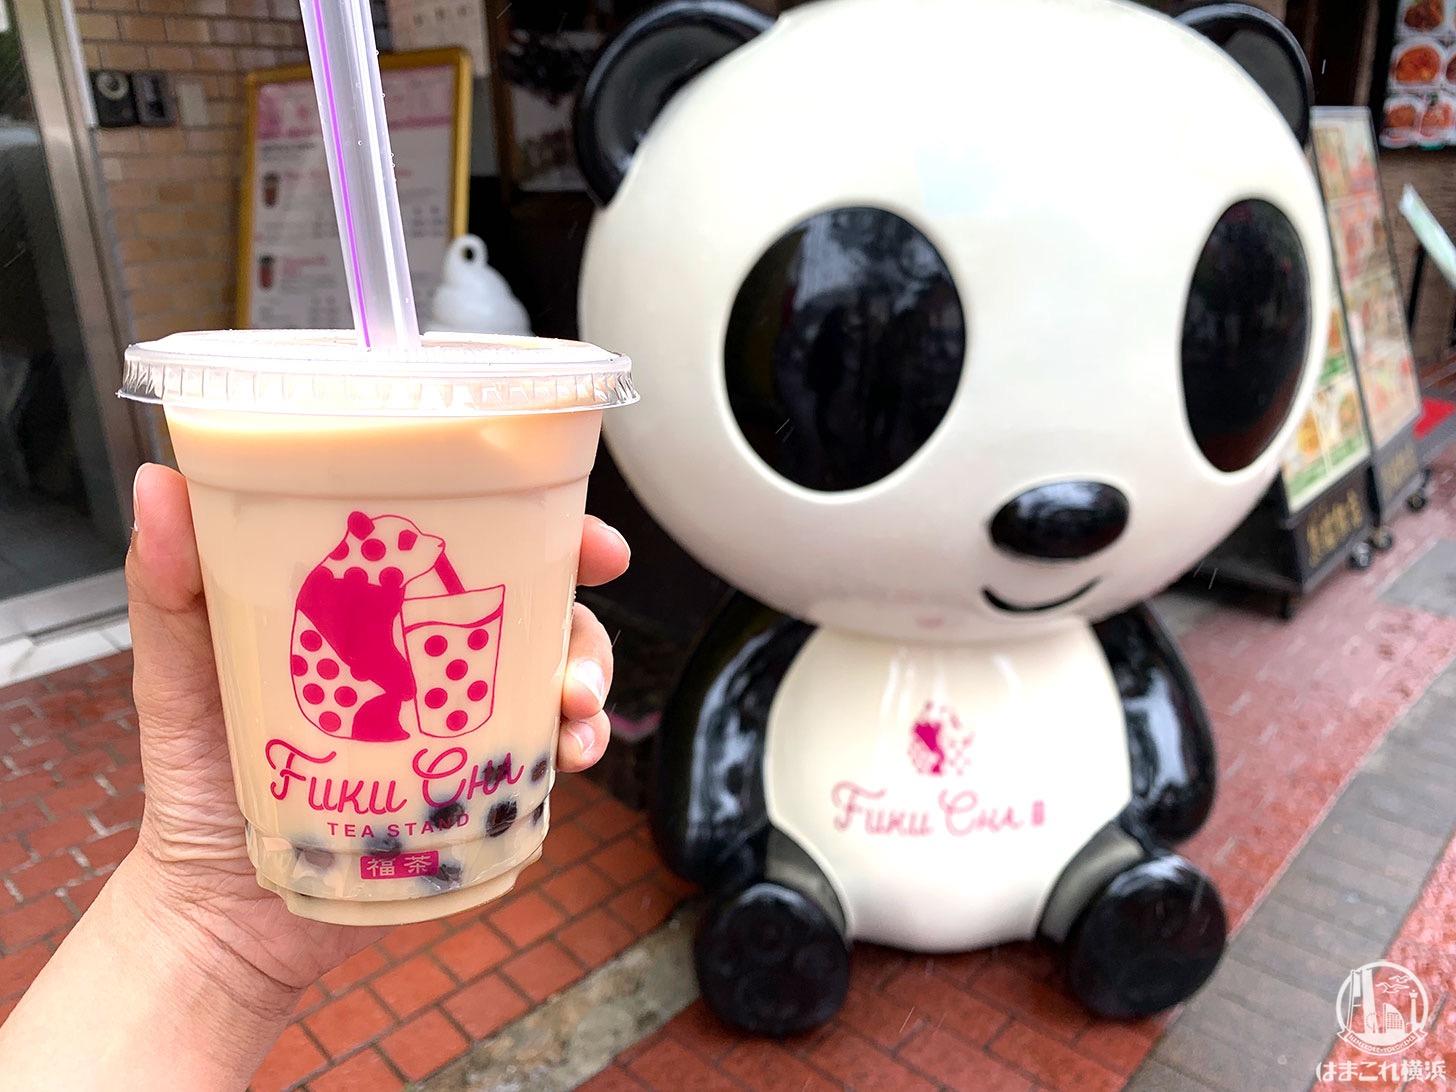 福茶(フクチャ)